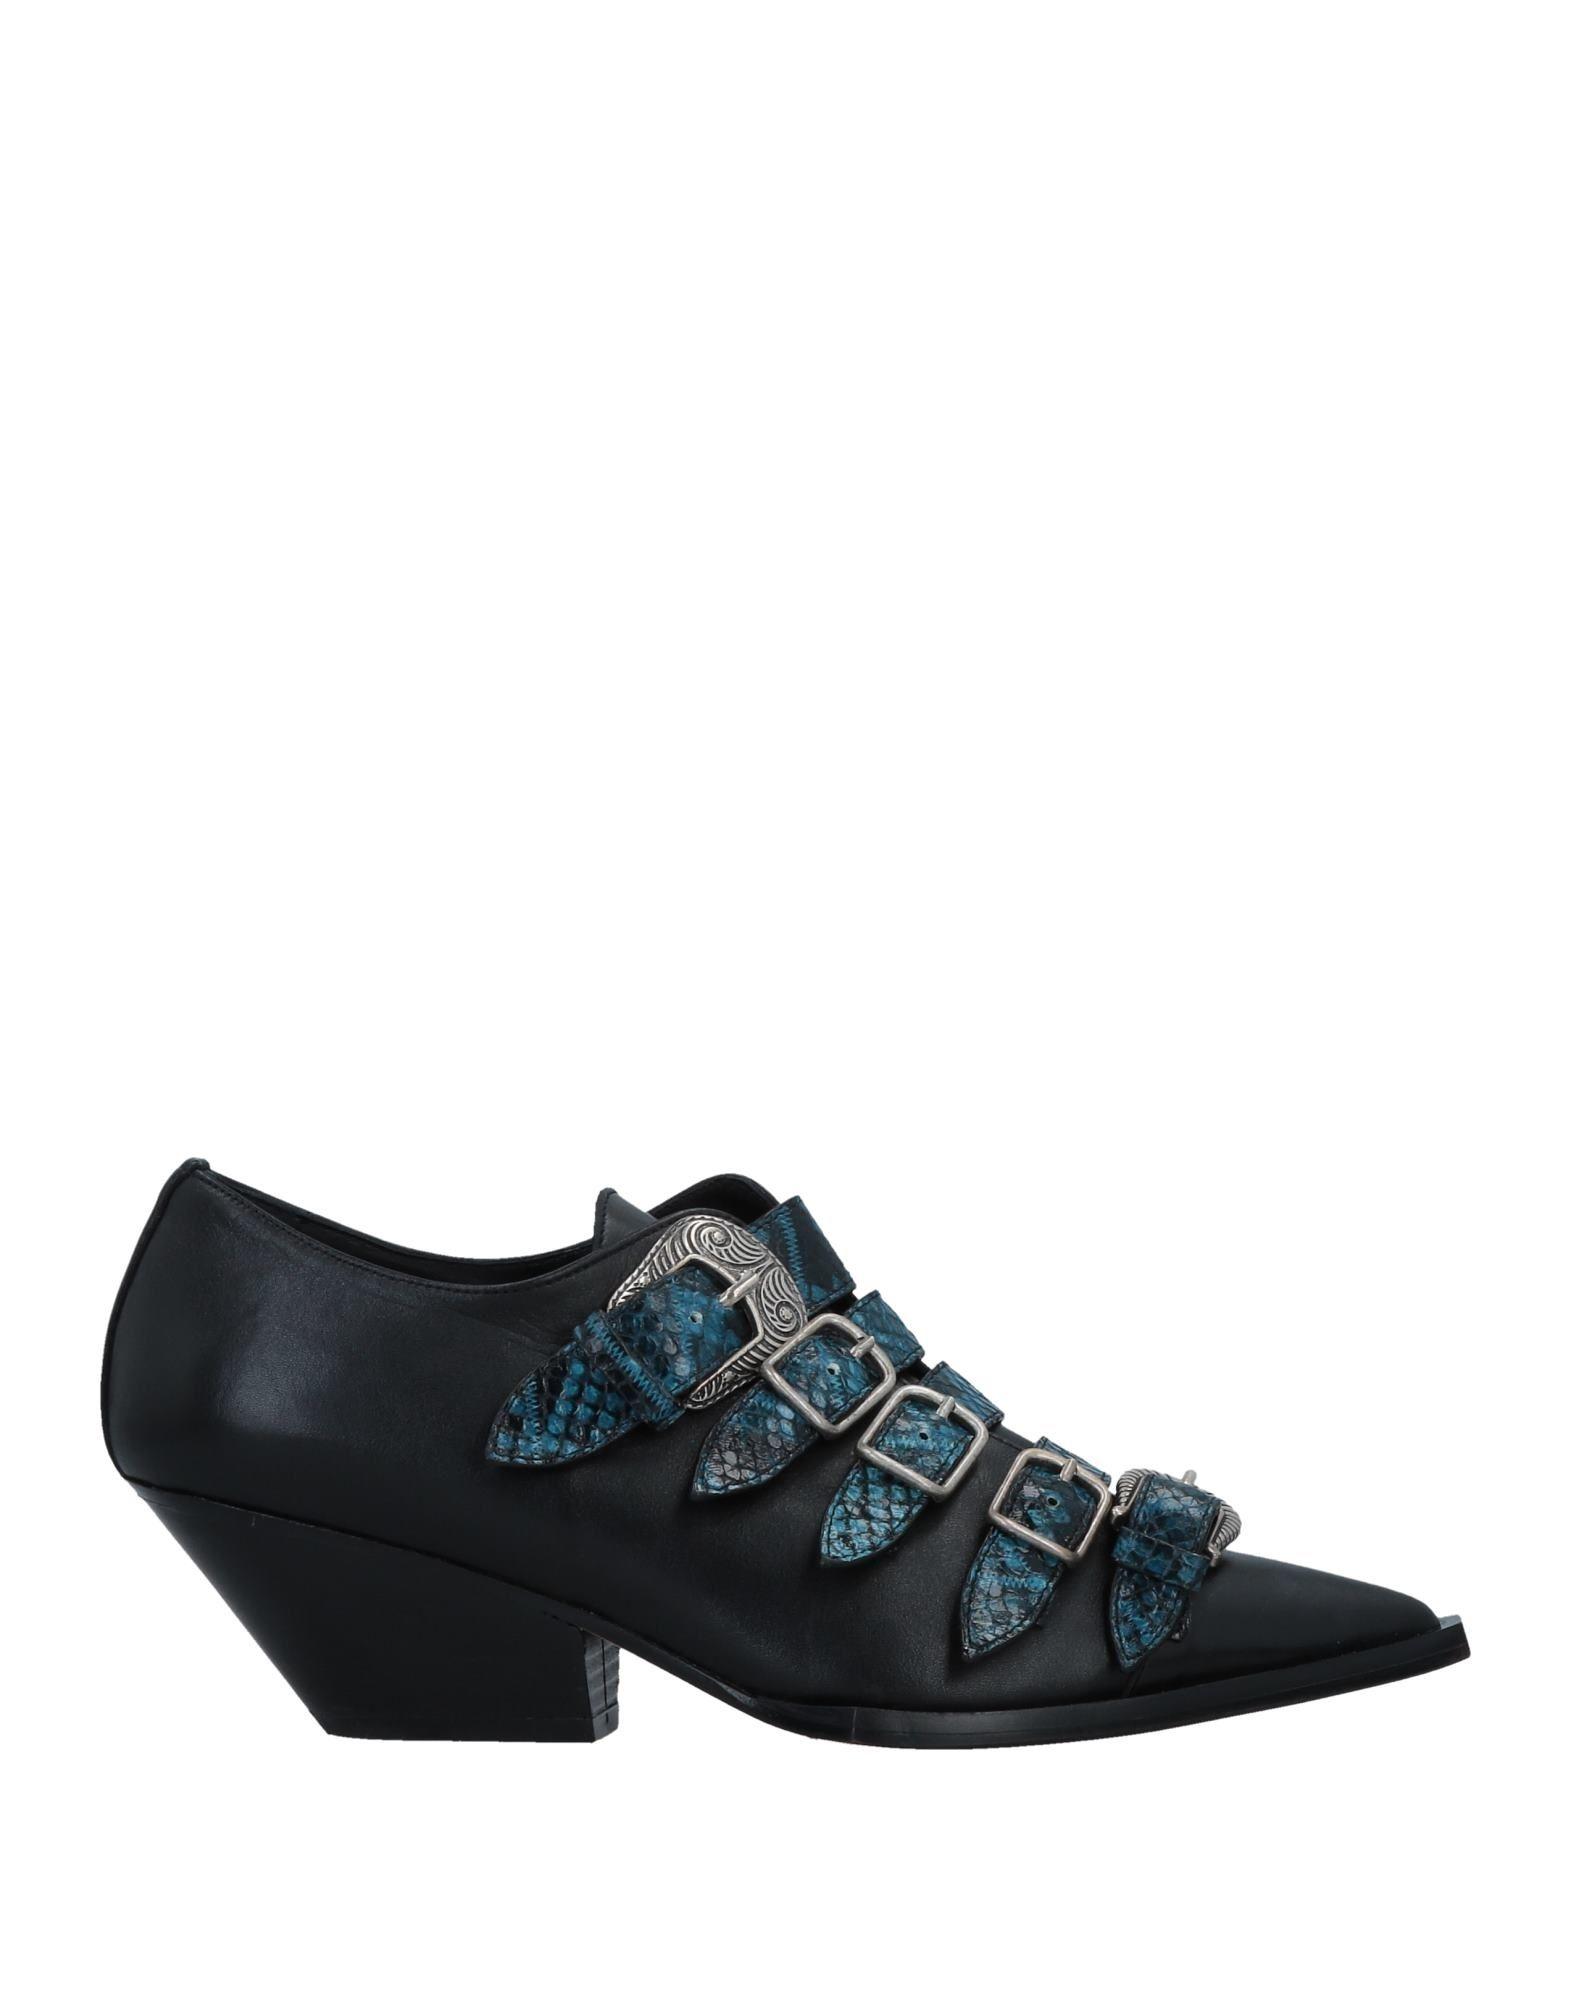 Ras Stiefelette Gute Damen  11511548CQ Gute Stiefelette Qualität beliebte Schuhe ead946